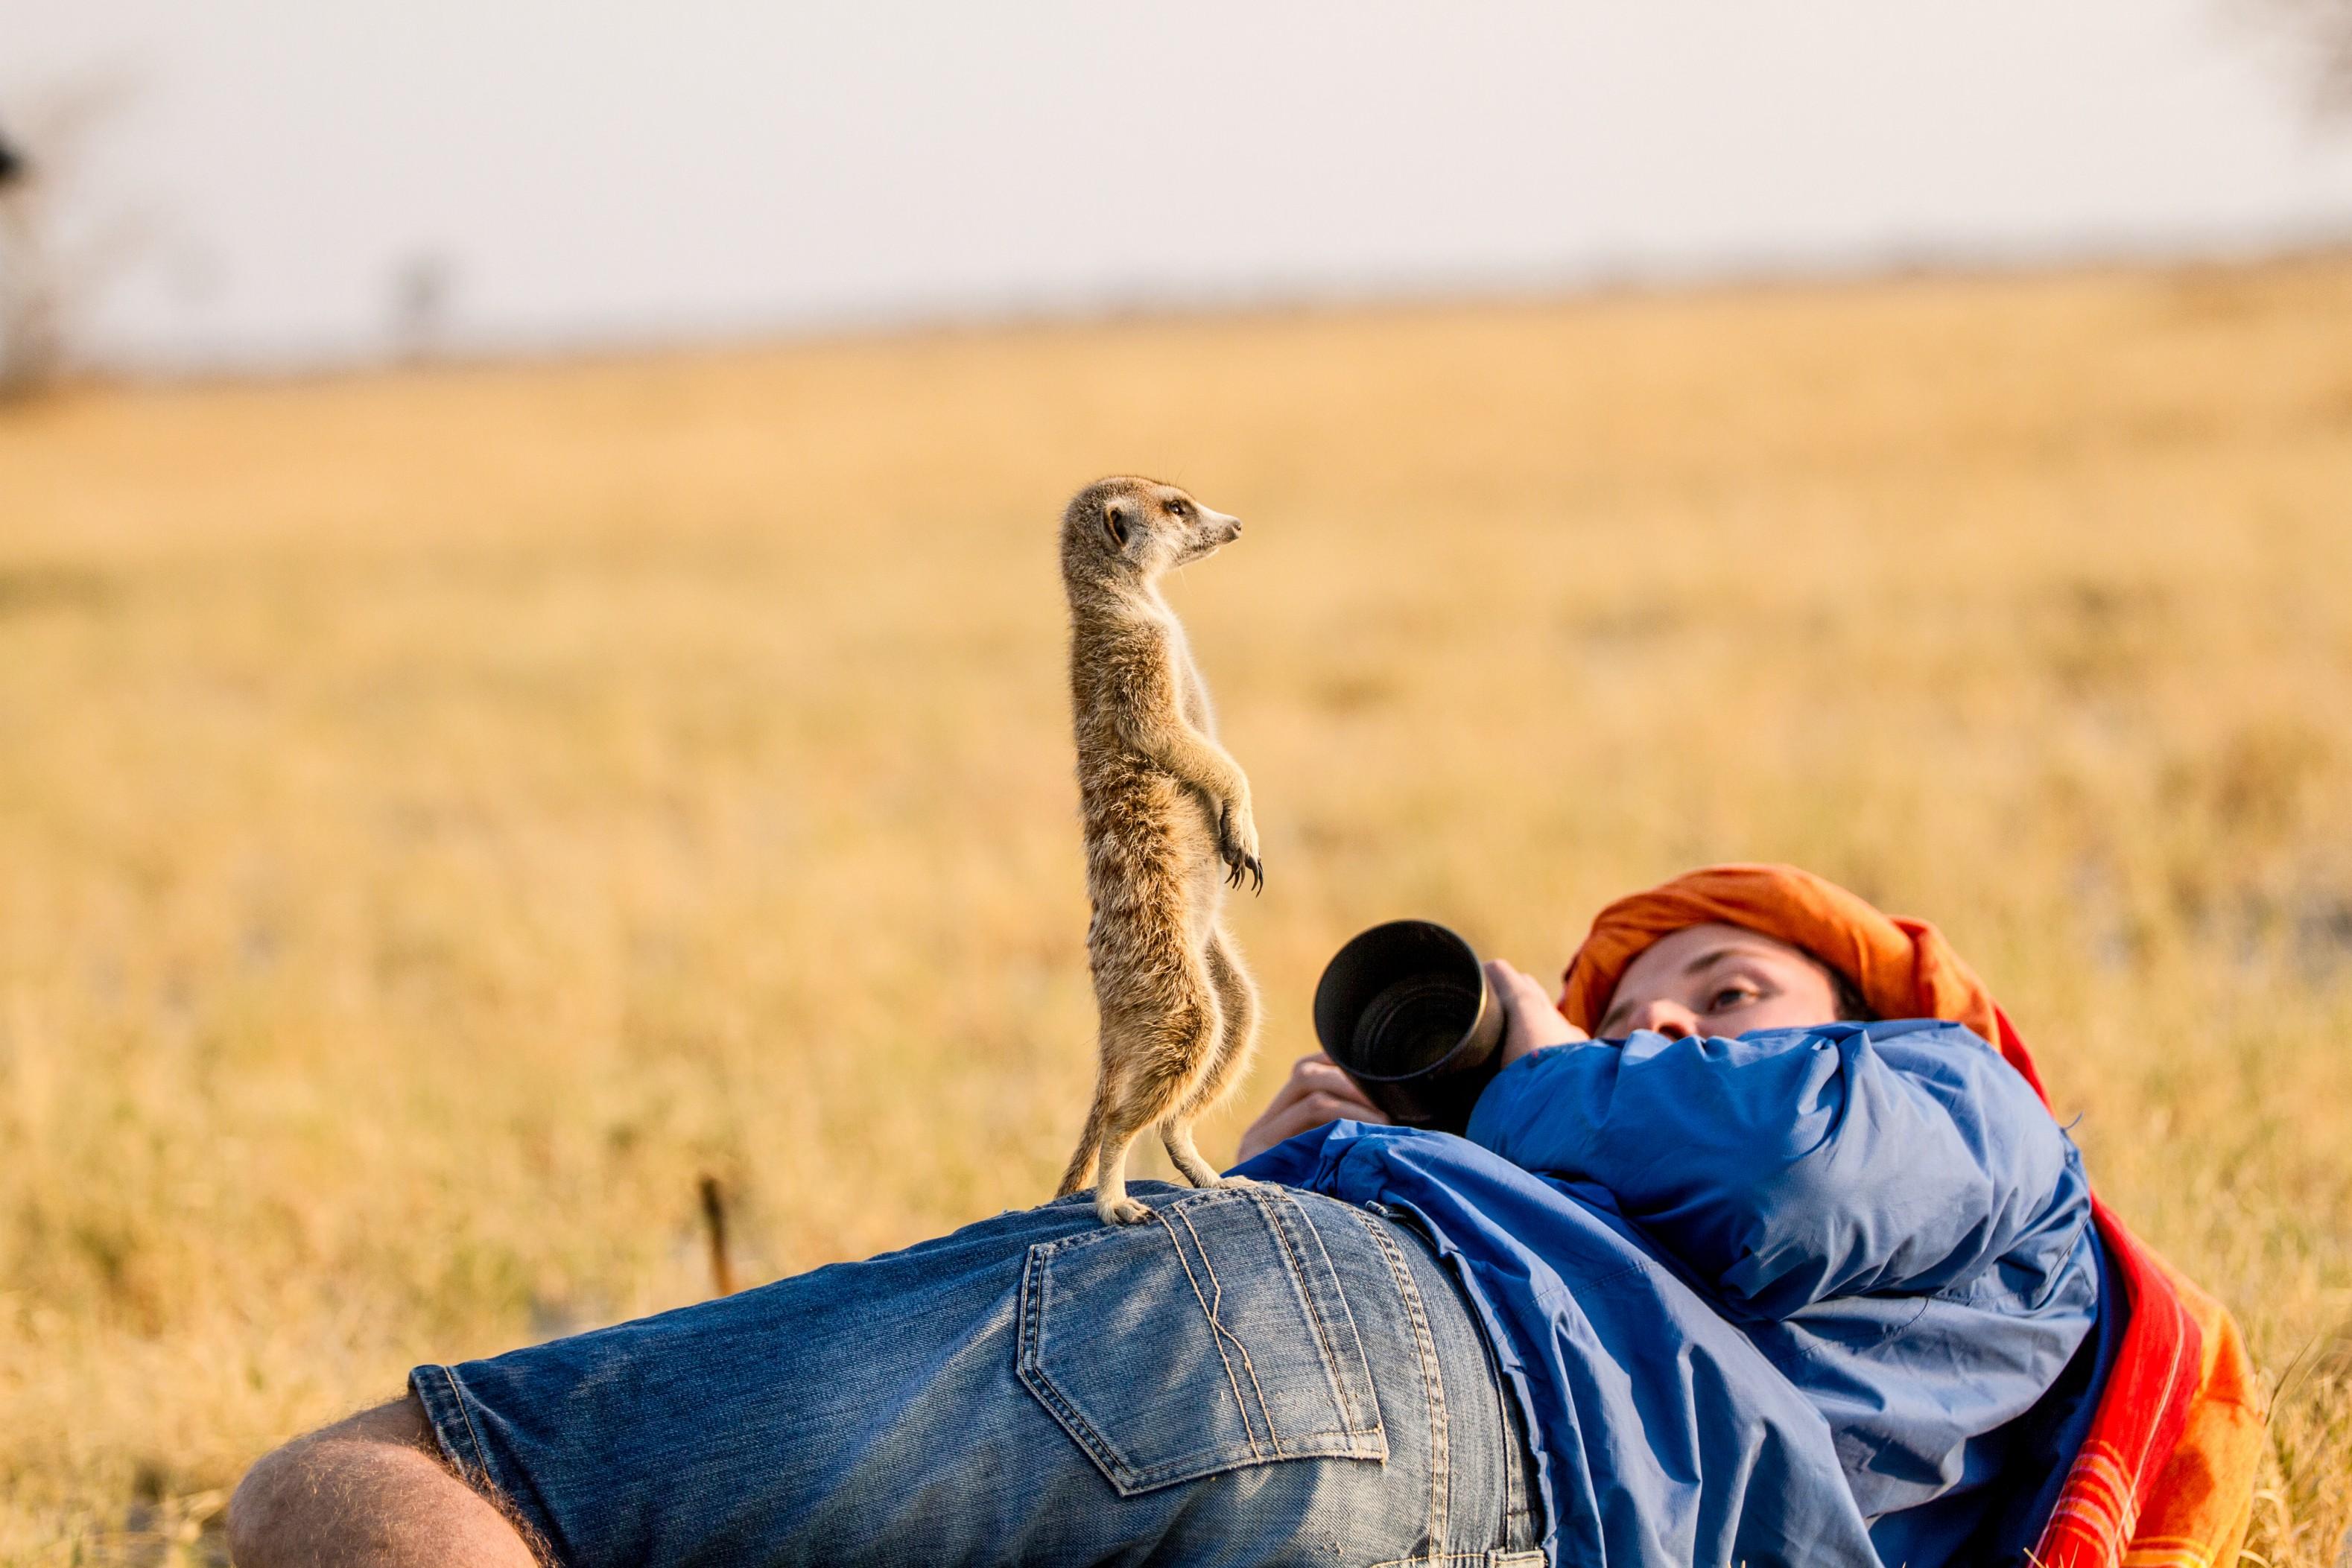 Photographer Simon Watson shooting in Botswana